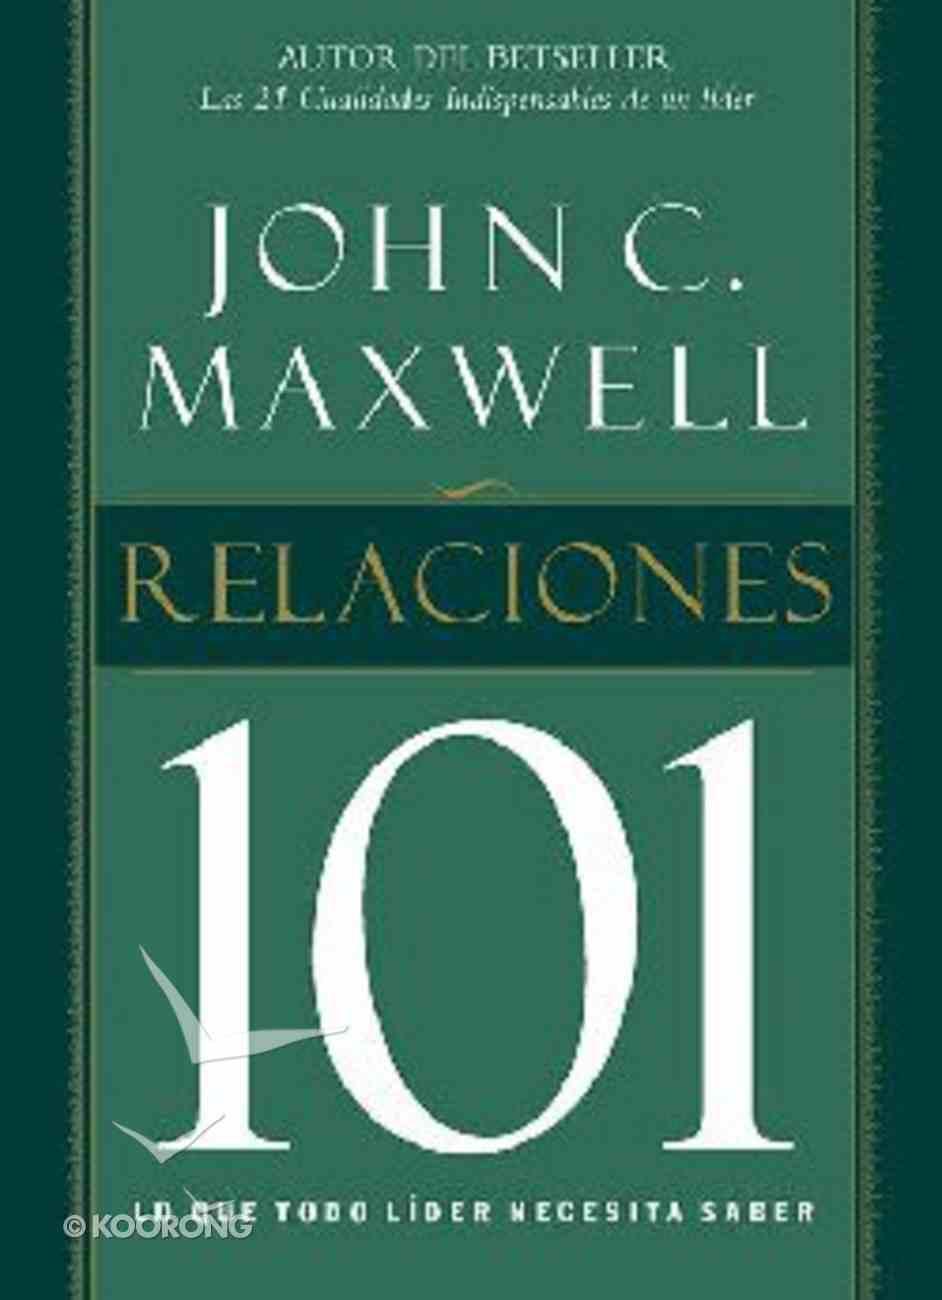 Relaciones 101 (Relationships 101) Hardback